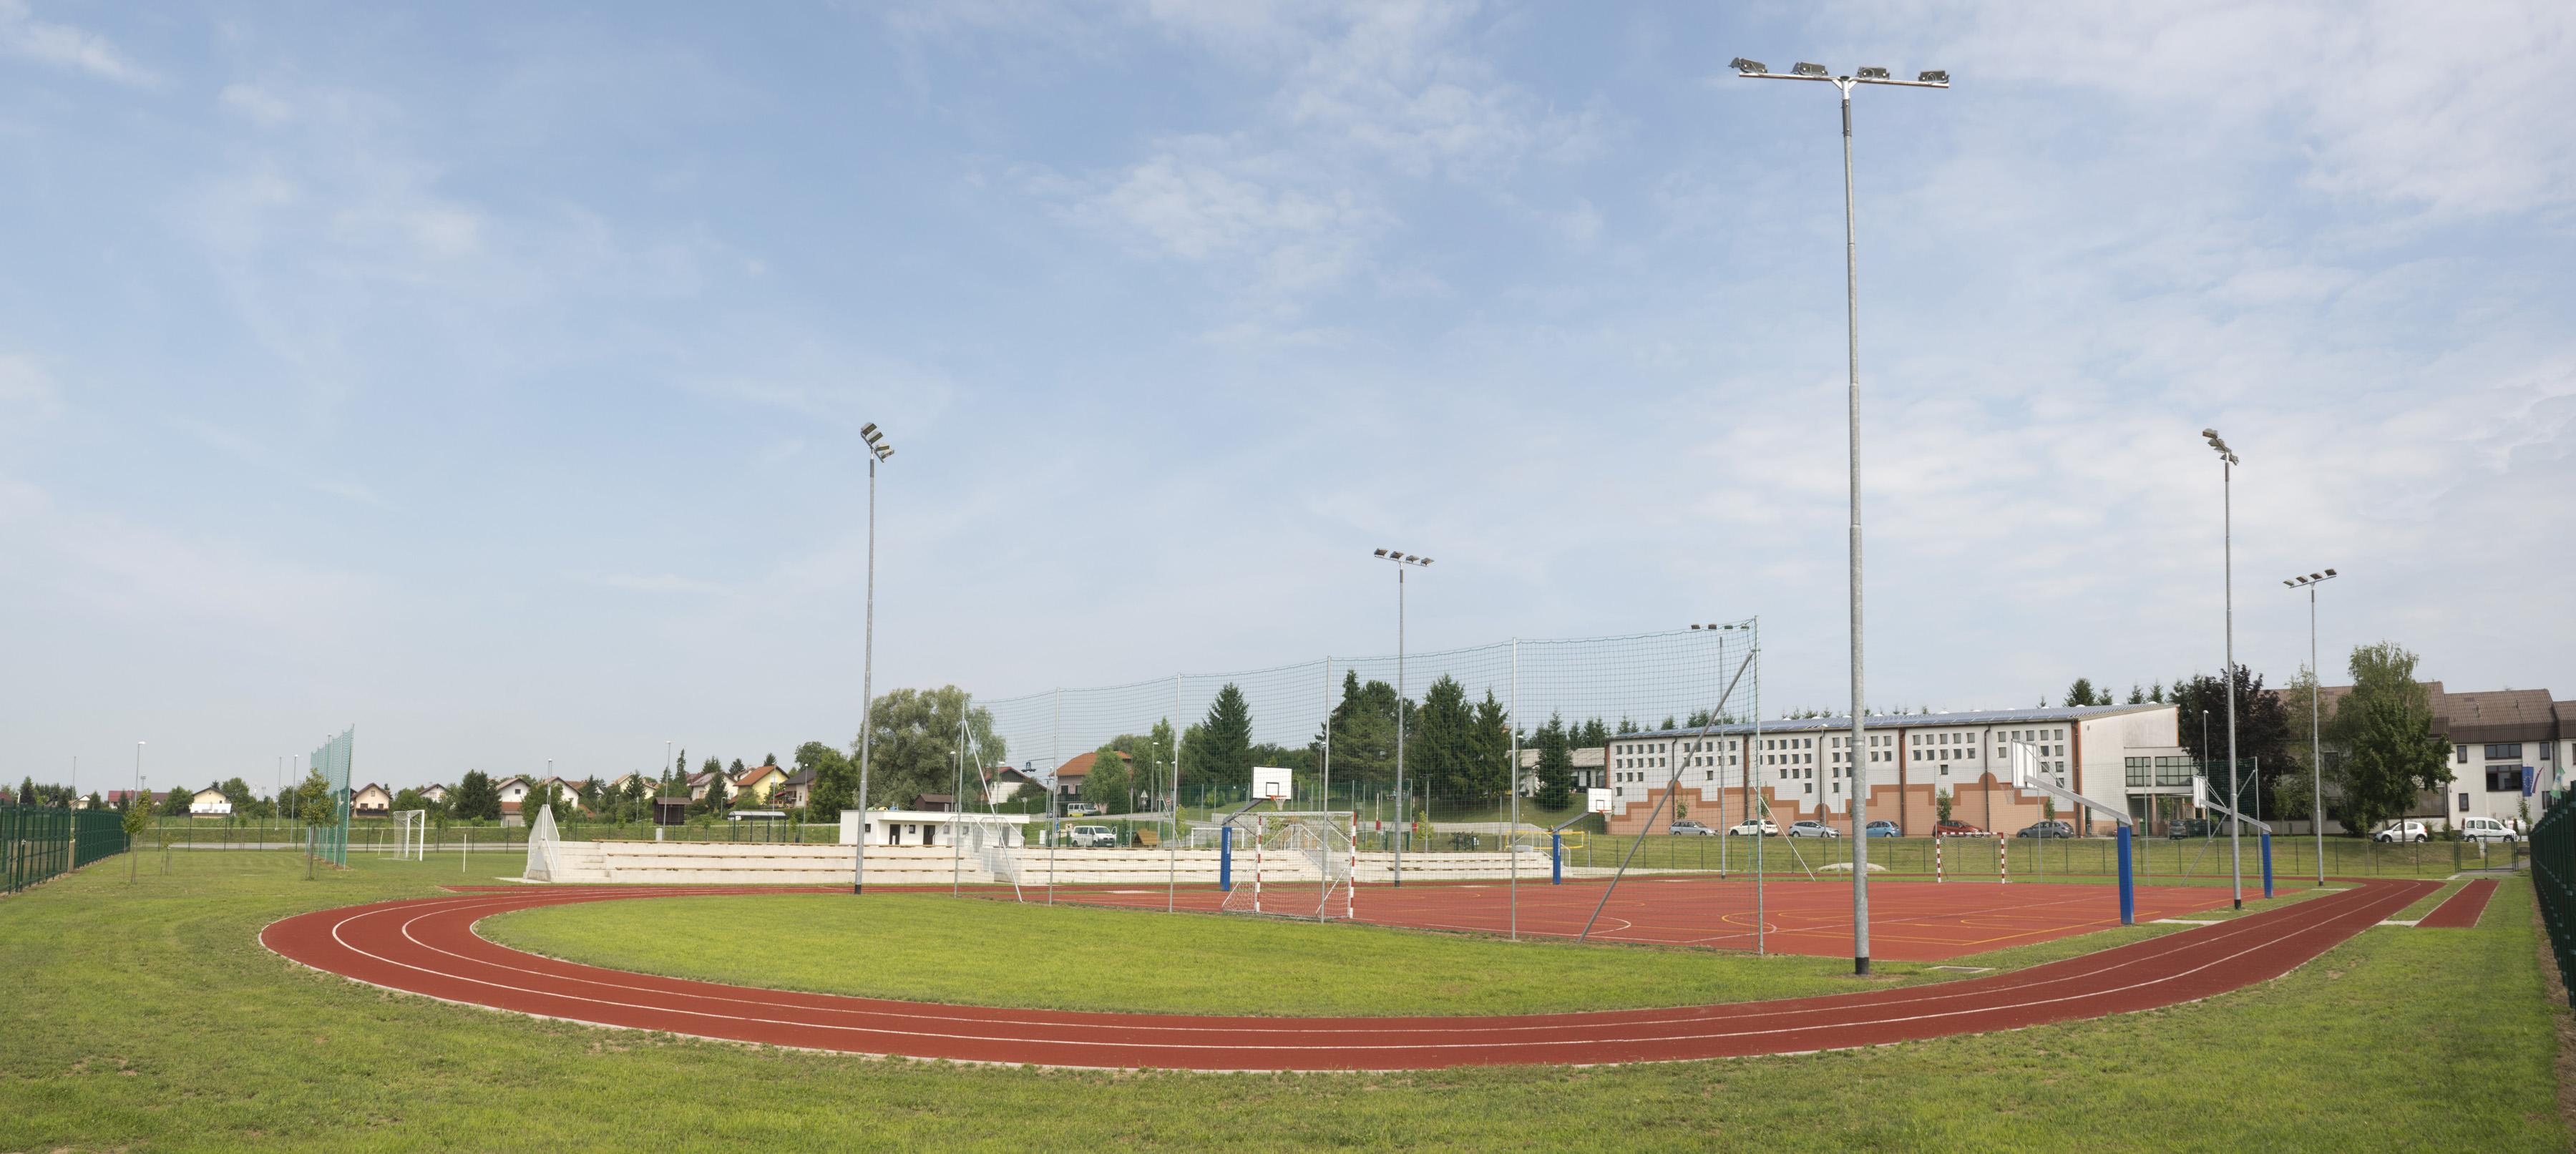 Zunanja športna igrišča Dobova